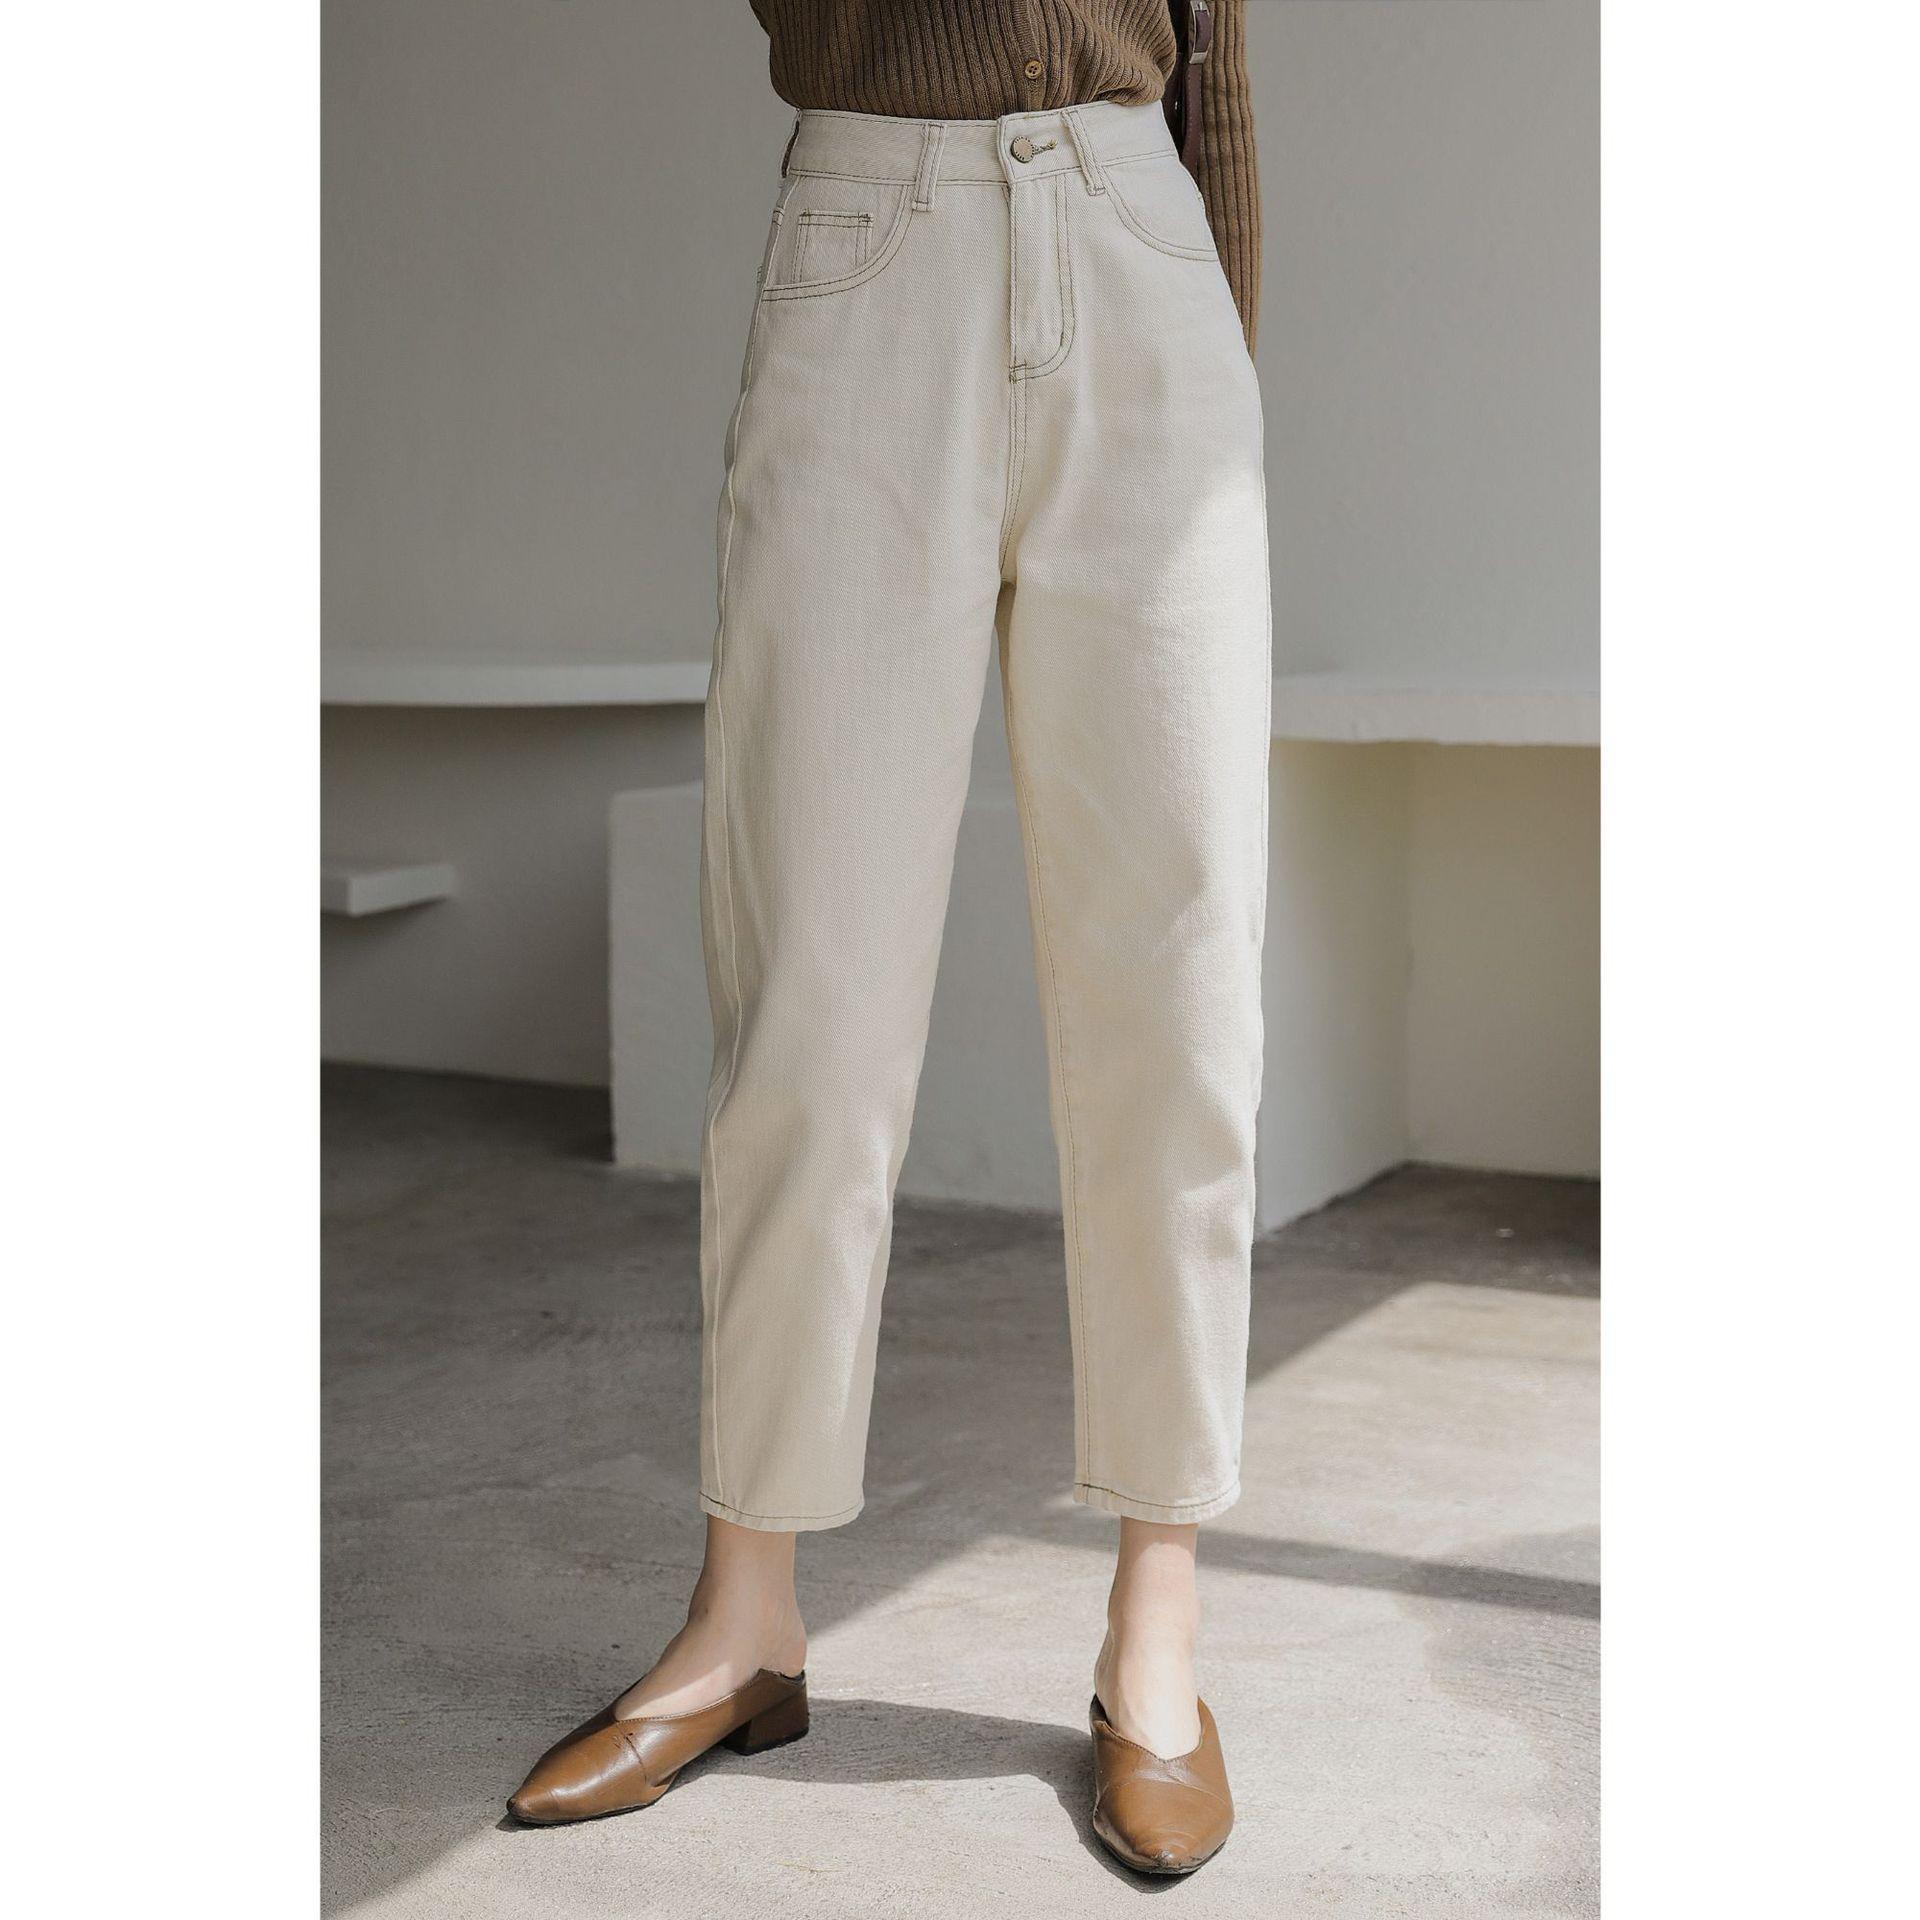 2021秋装新款韩版时尚宽松哈伦裤九分裤小脚白色高腰牛仔裤女